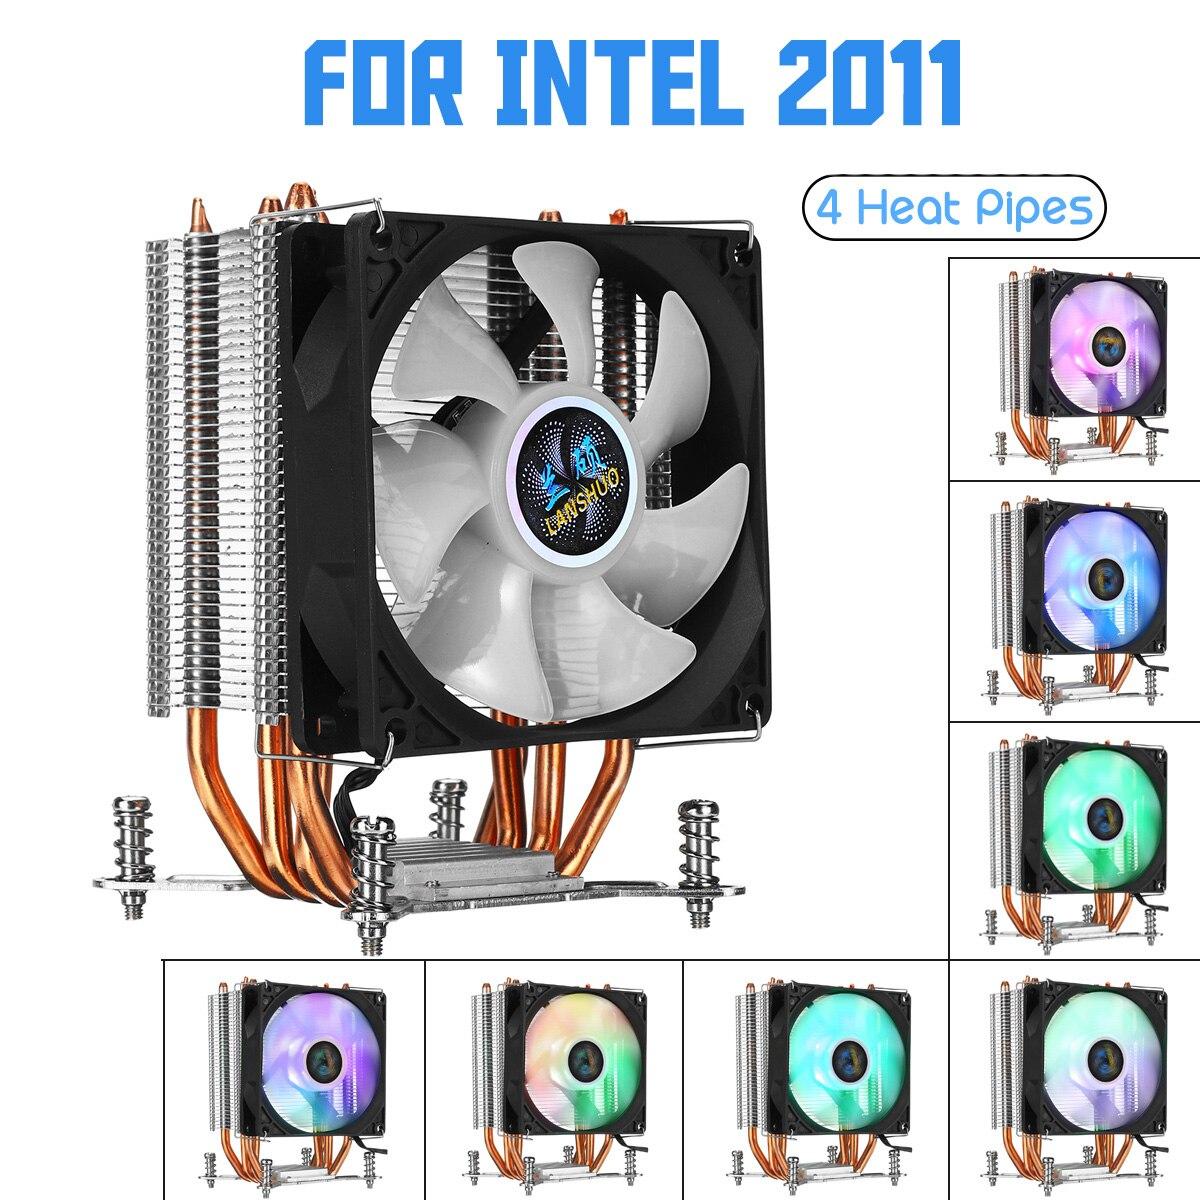 Heatpipe de cobre CPU Cooler para Aurora 4 90mm com RGB Luz Ventilador de Refrigeração para Intel LGA 2011 CPU Cooler dissipador de calor Do Radiador